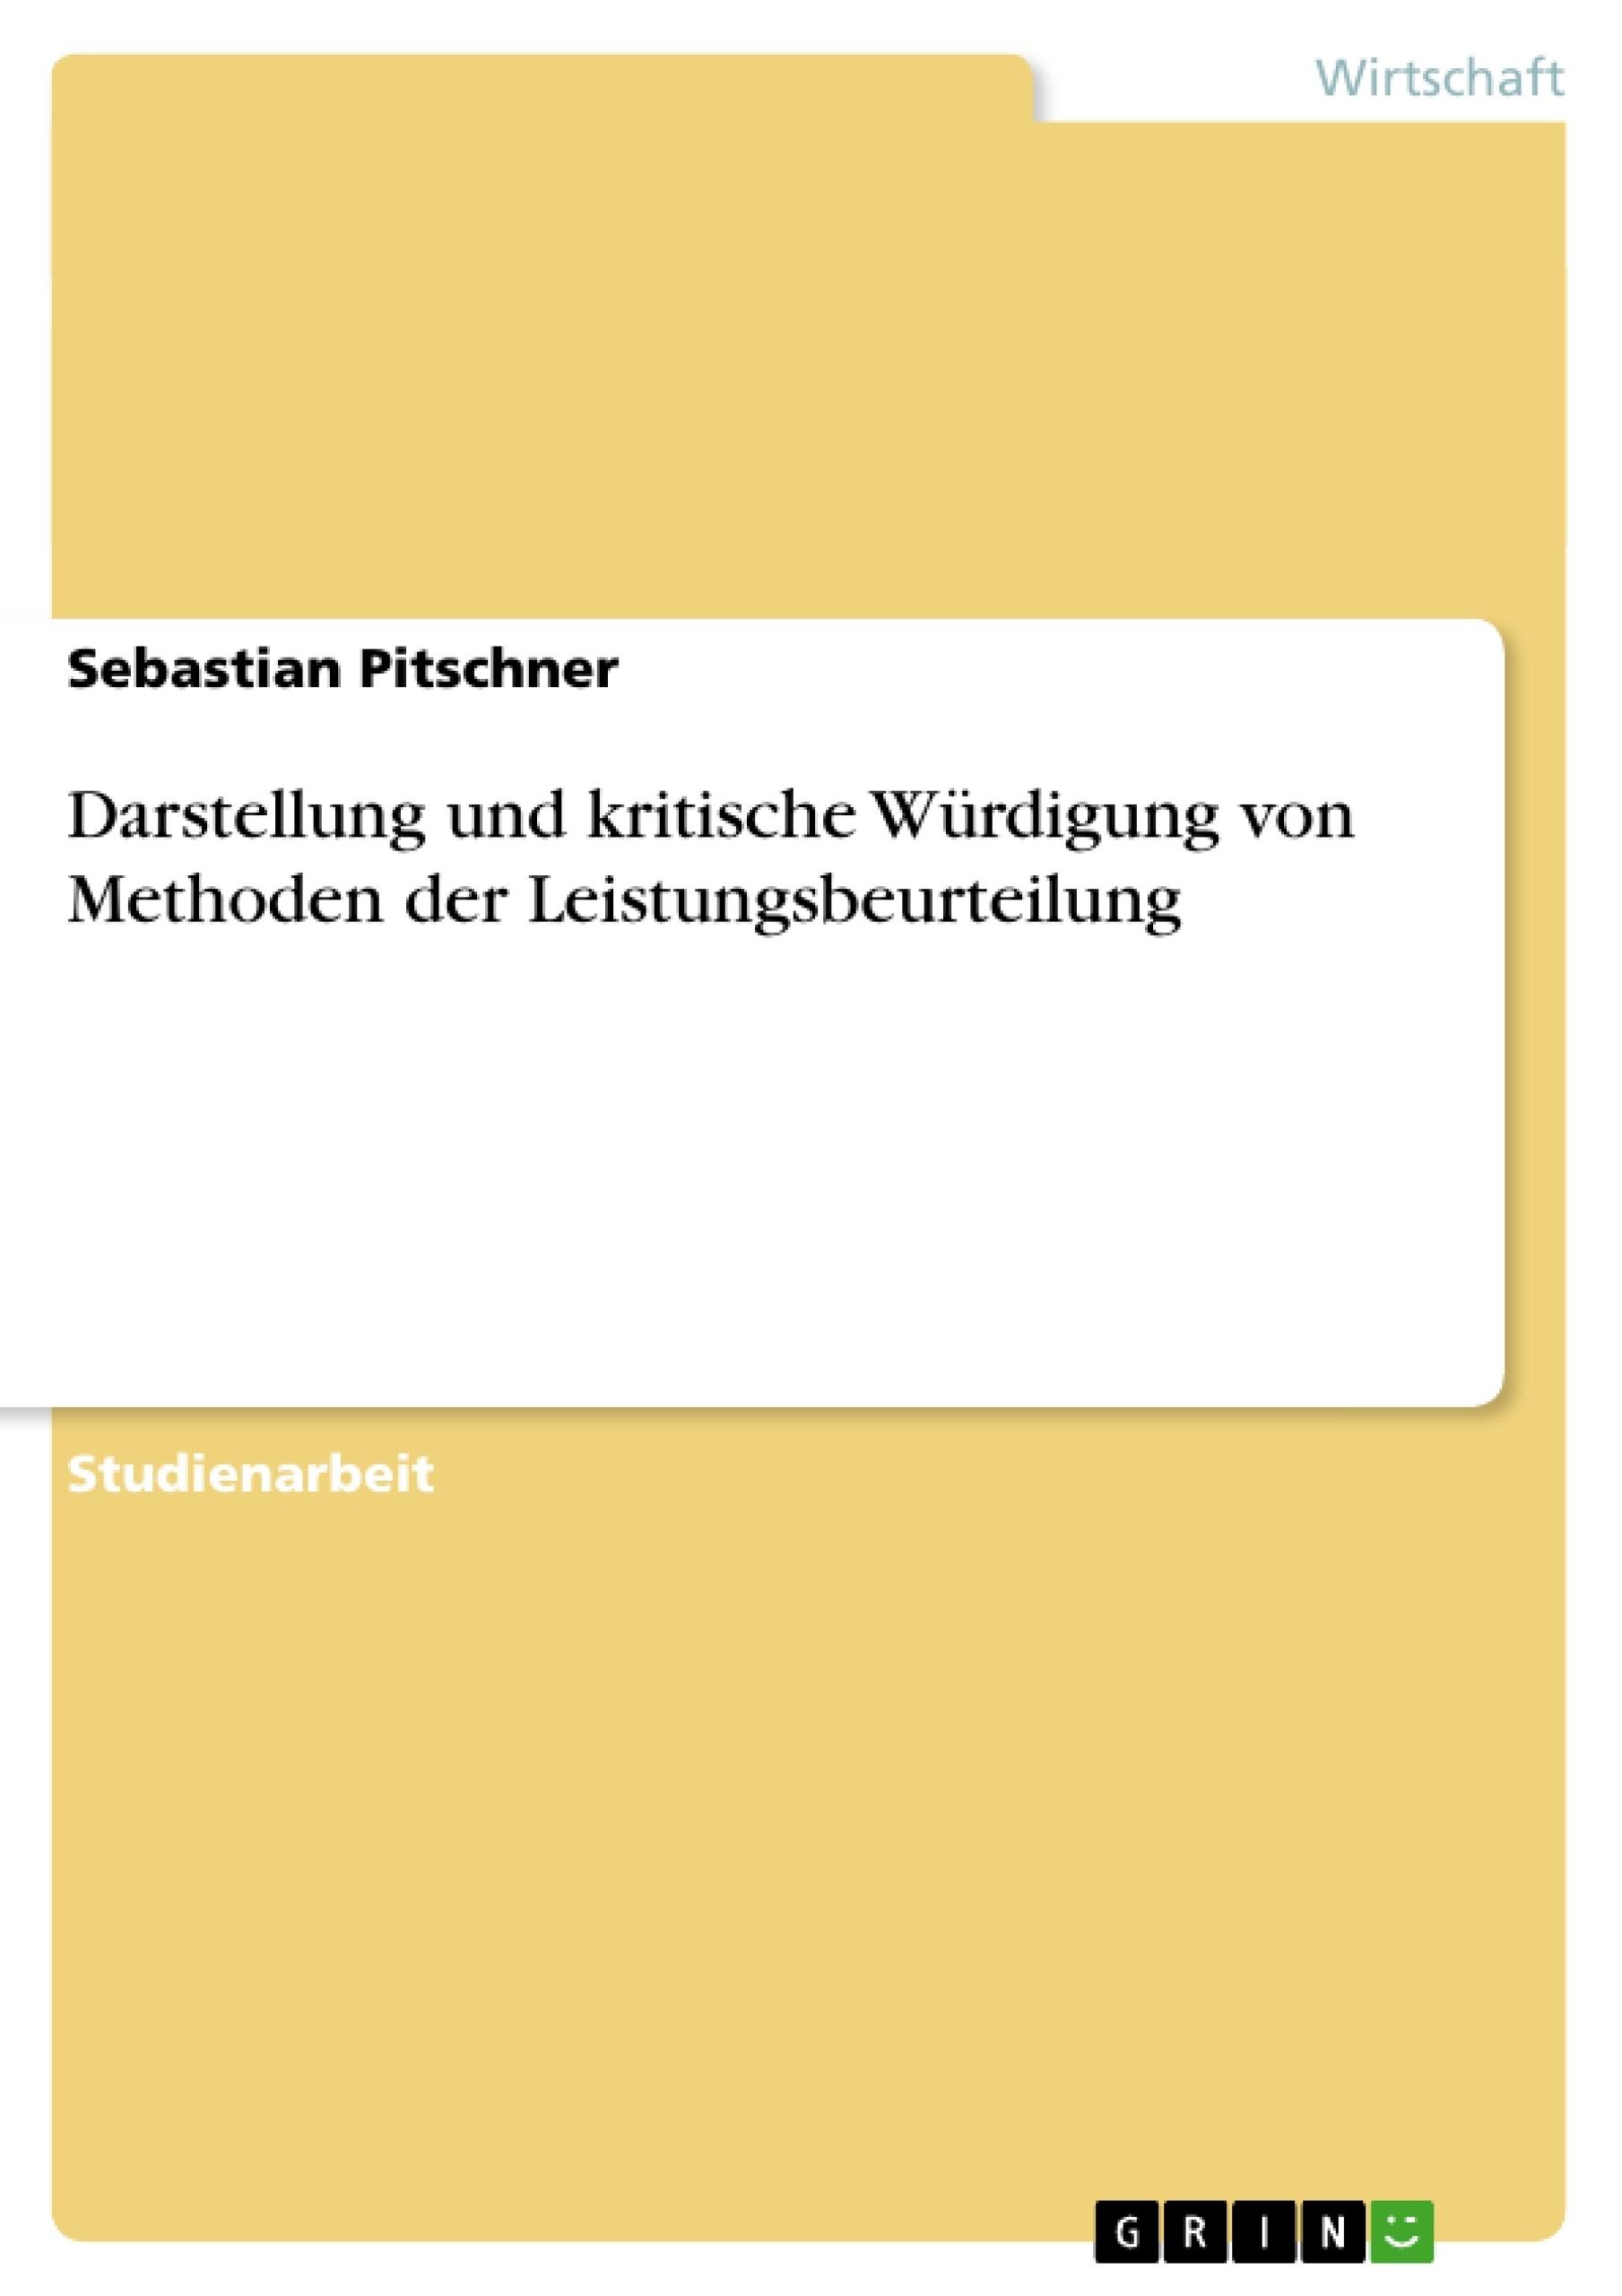 Titel: Darstellung und kritische Würdigung von Methoden der Leistungsbeurteilung